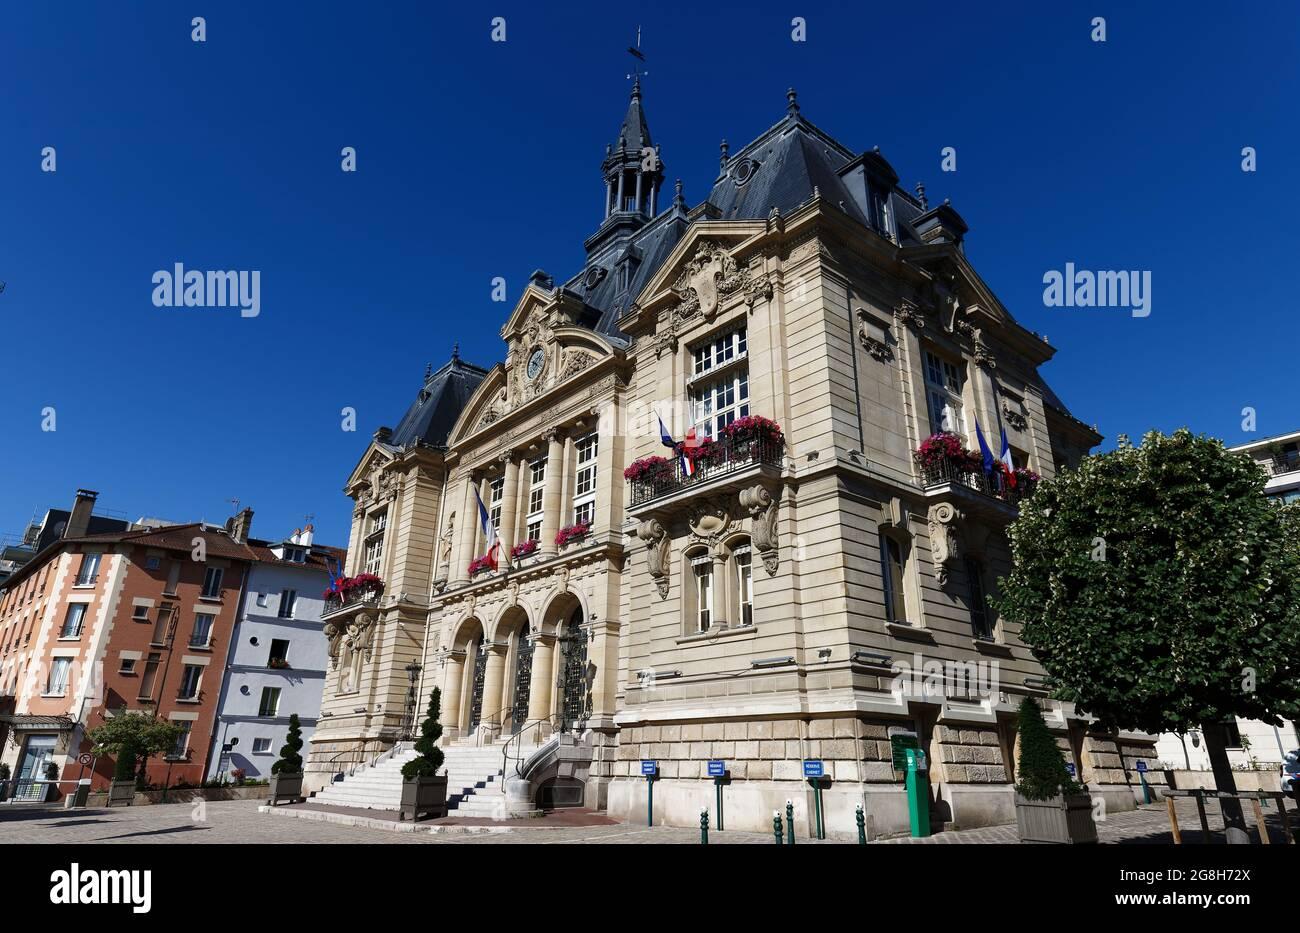 Ayuntamiento de Suresnes . Es un municipio del departamento de Altos del Sena en la región de Isla de Francia. Foto de stock